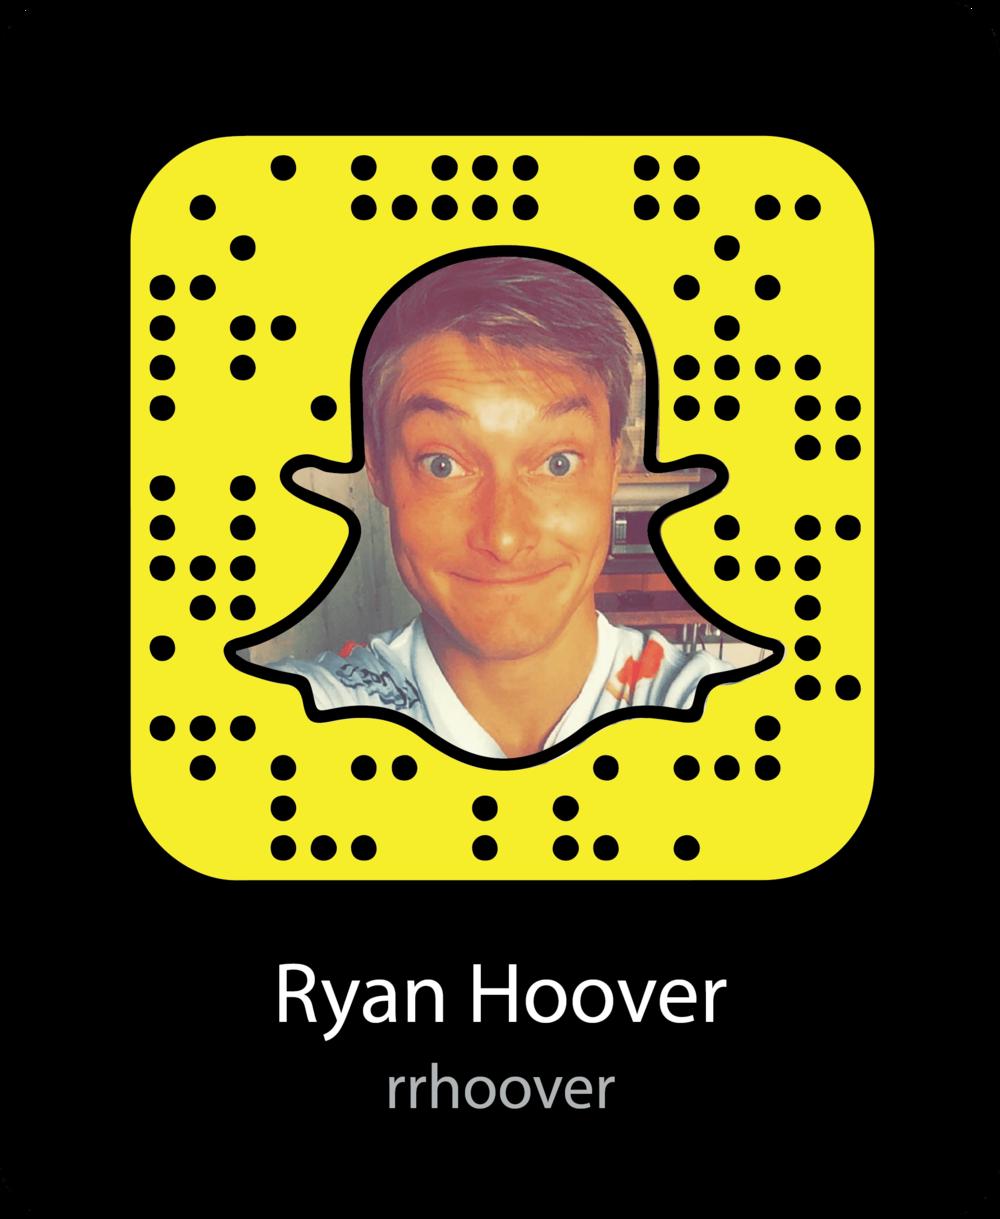 ryan-hoover-storytellers-snapchat-snapcode.png